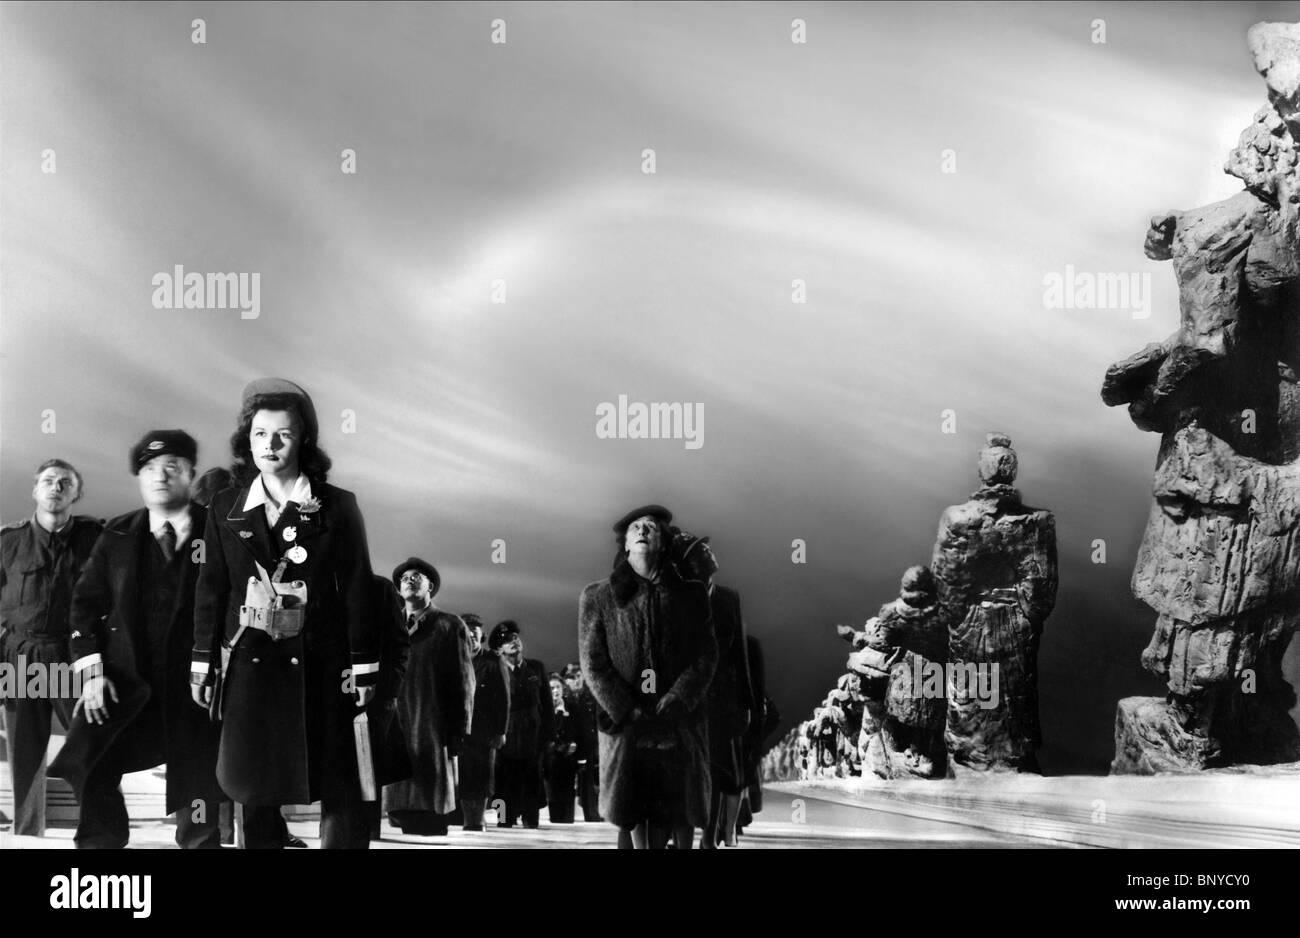 DIE LEUTE STARREN BEI SKY EINE FRAGE VON LEBEN UND TOD; STAIRWAY TO HEAVEN (1946) Stockfoto